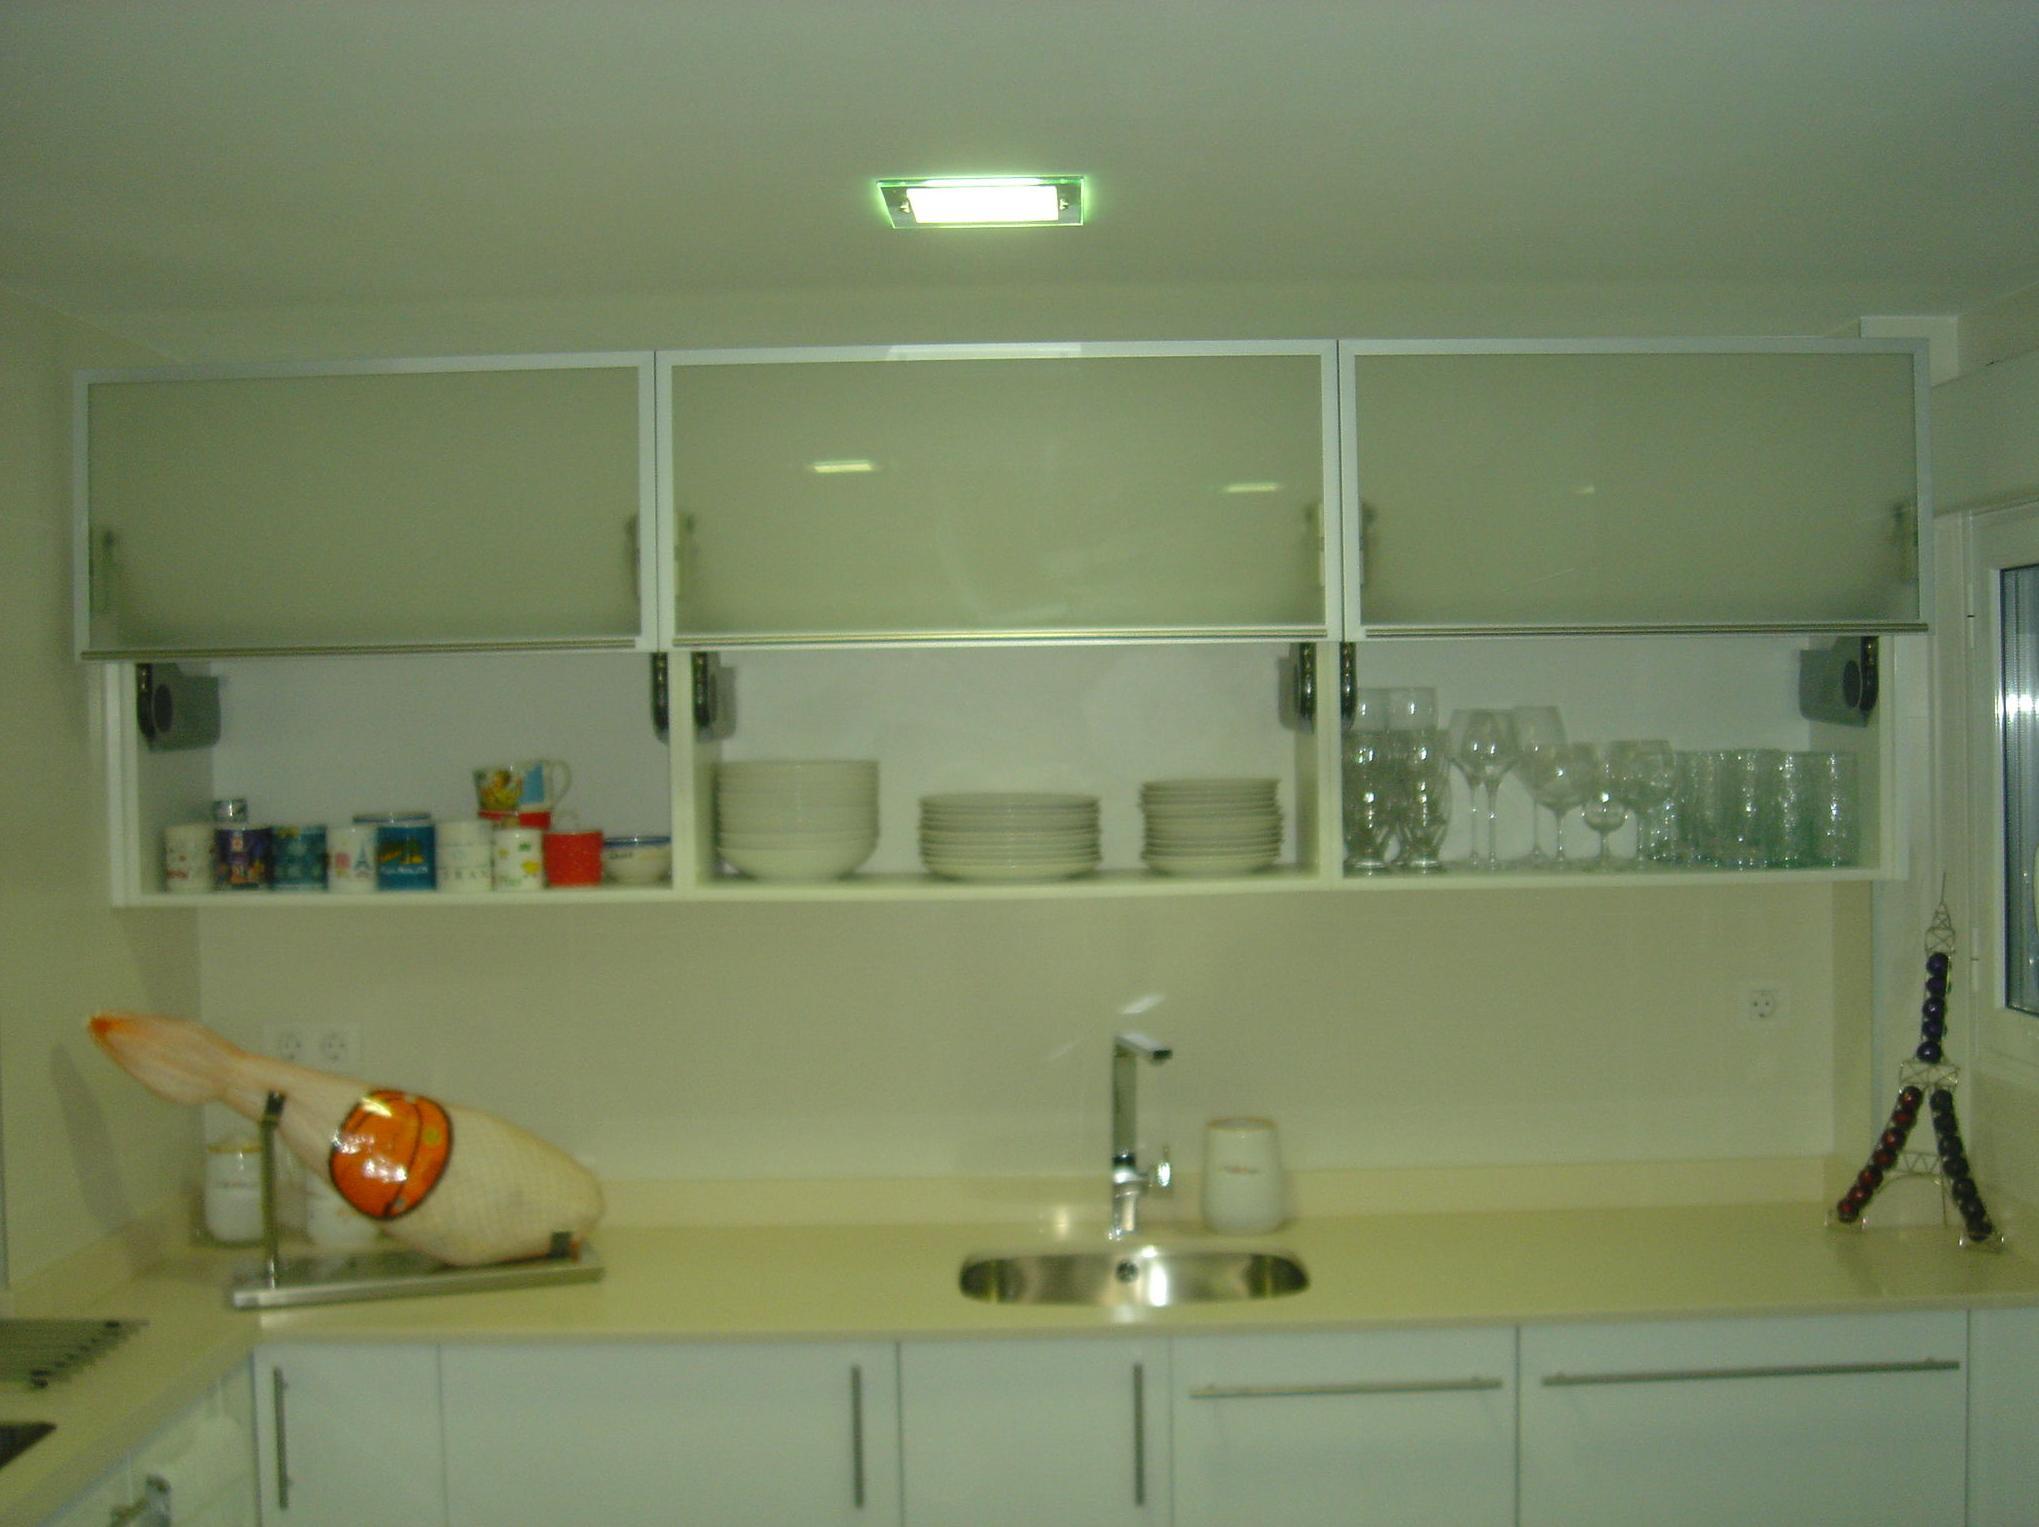 Foto 24 de Muebles de baño y cocina en Zaragoza | Decocina